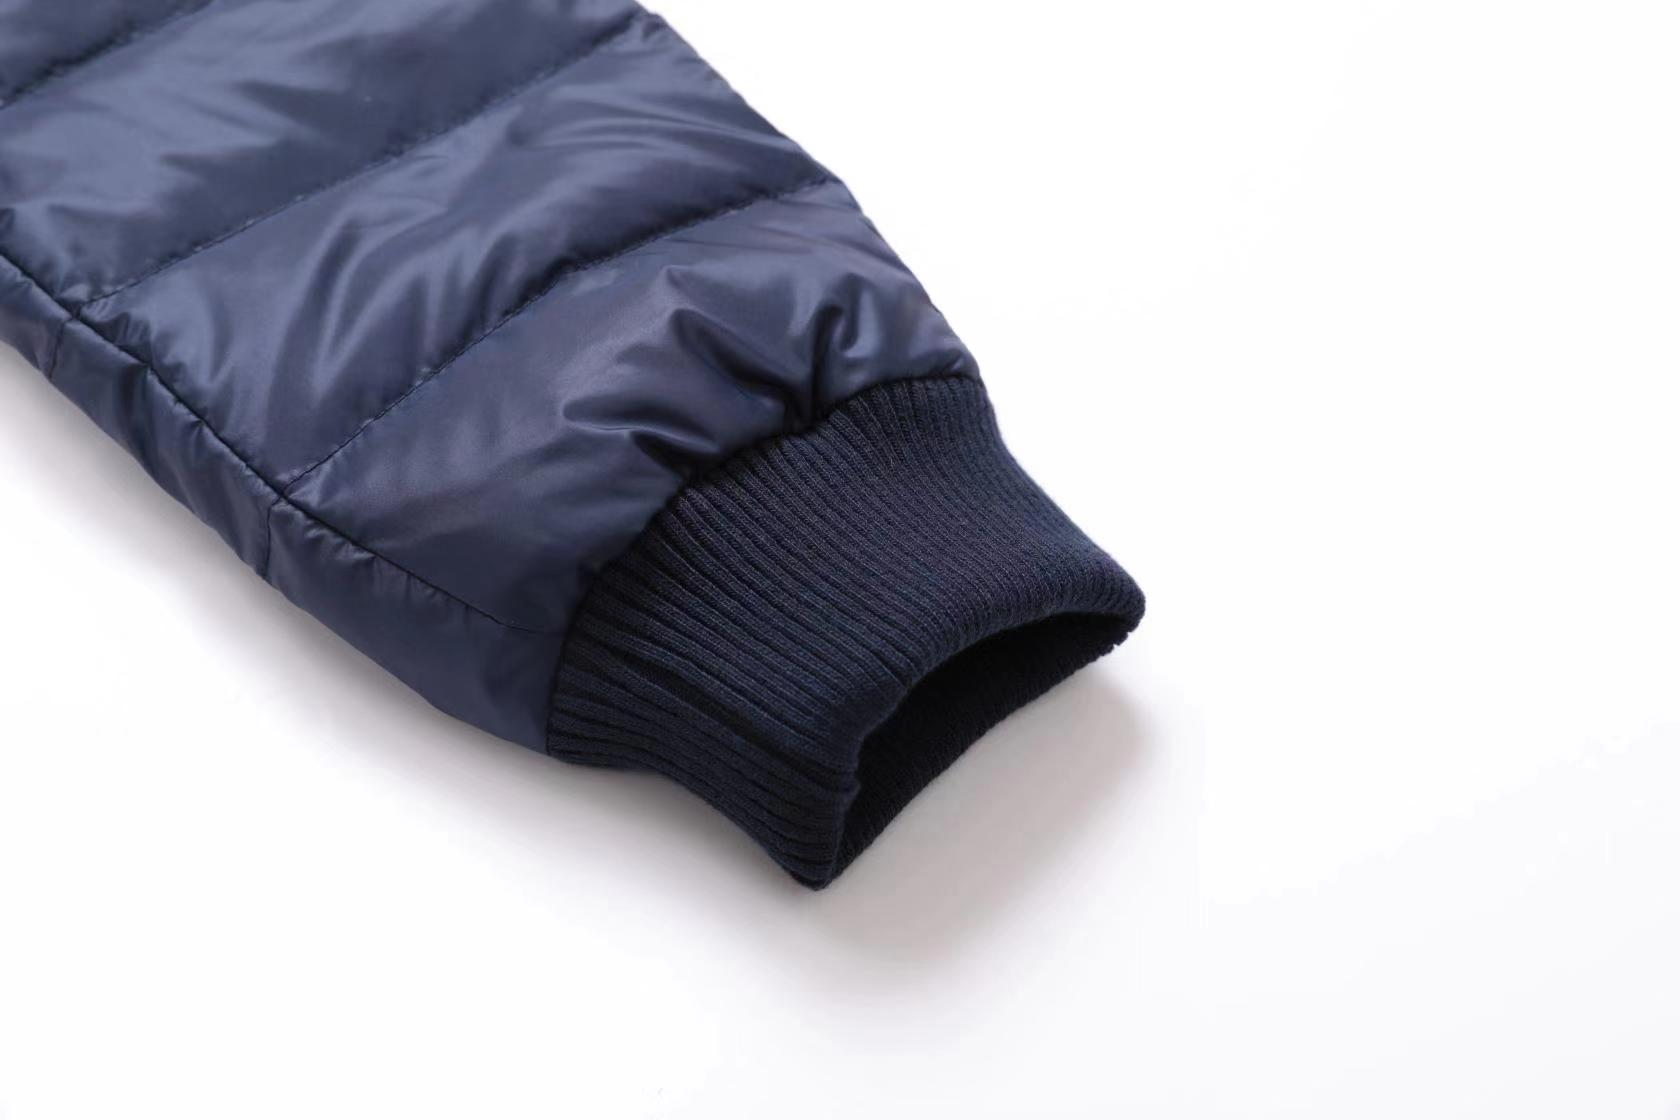 嗨团儿童羽绒裤55.jpg